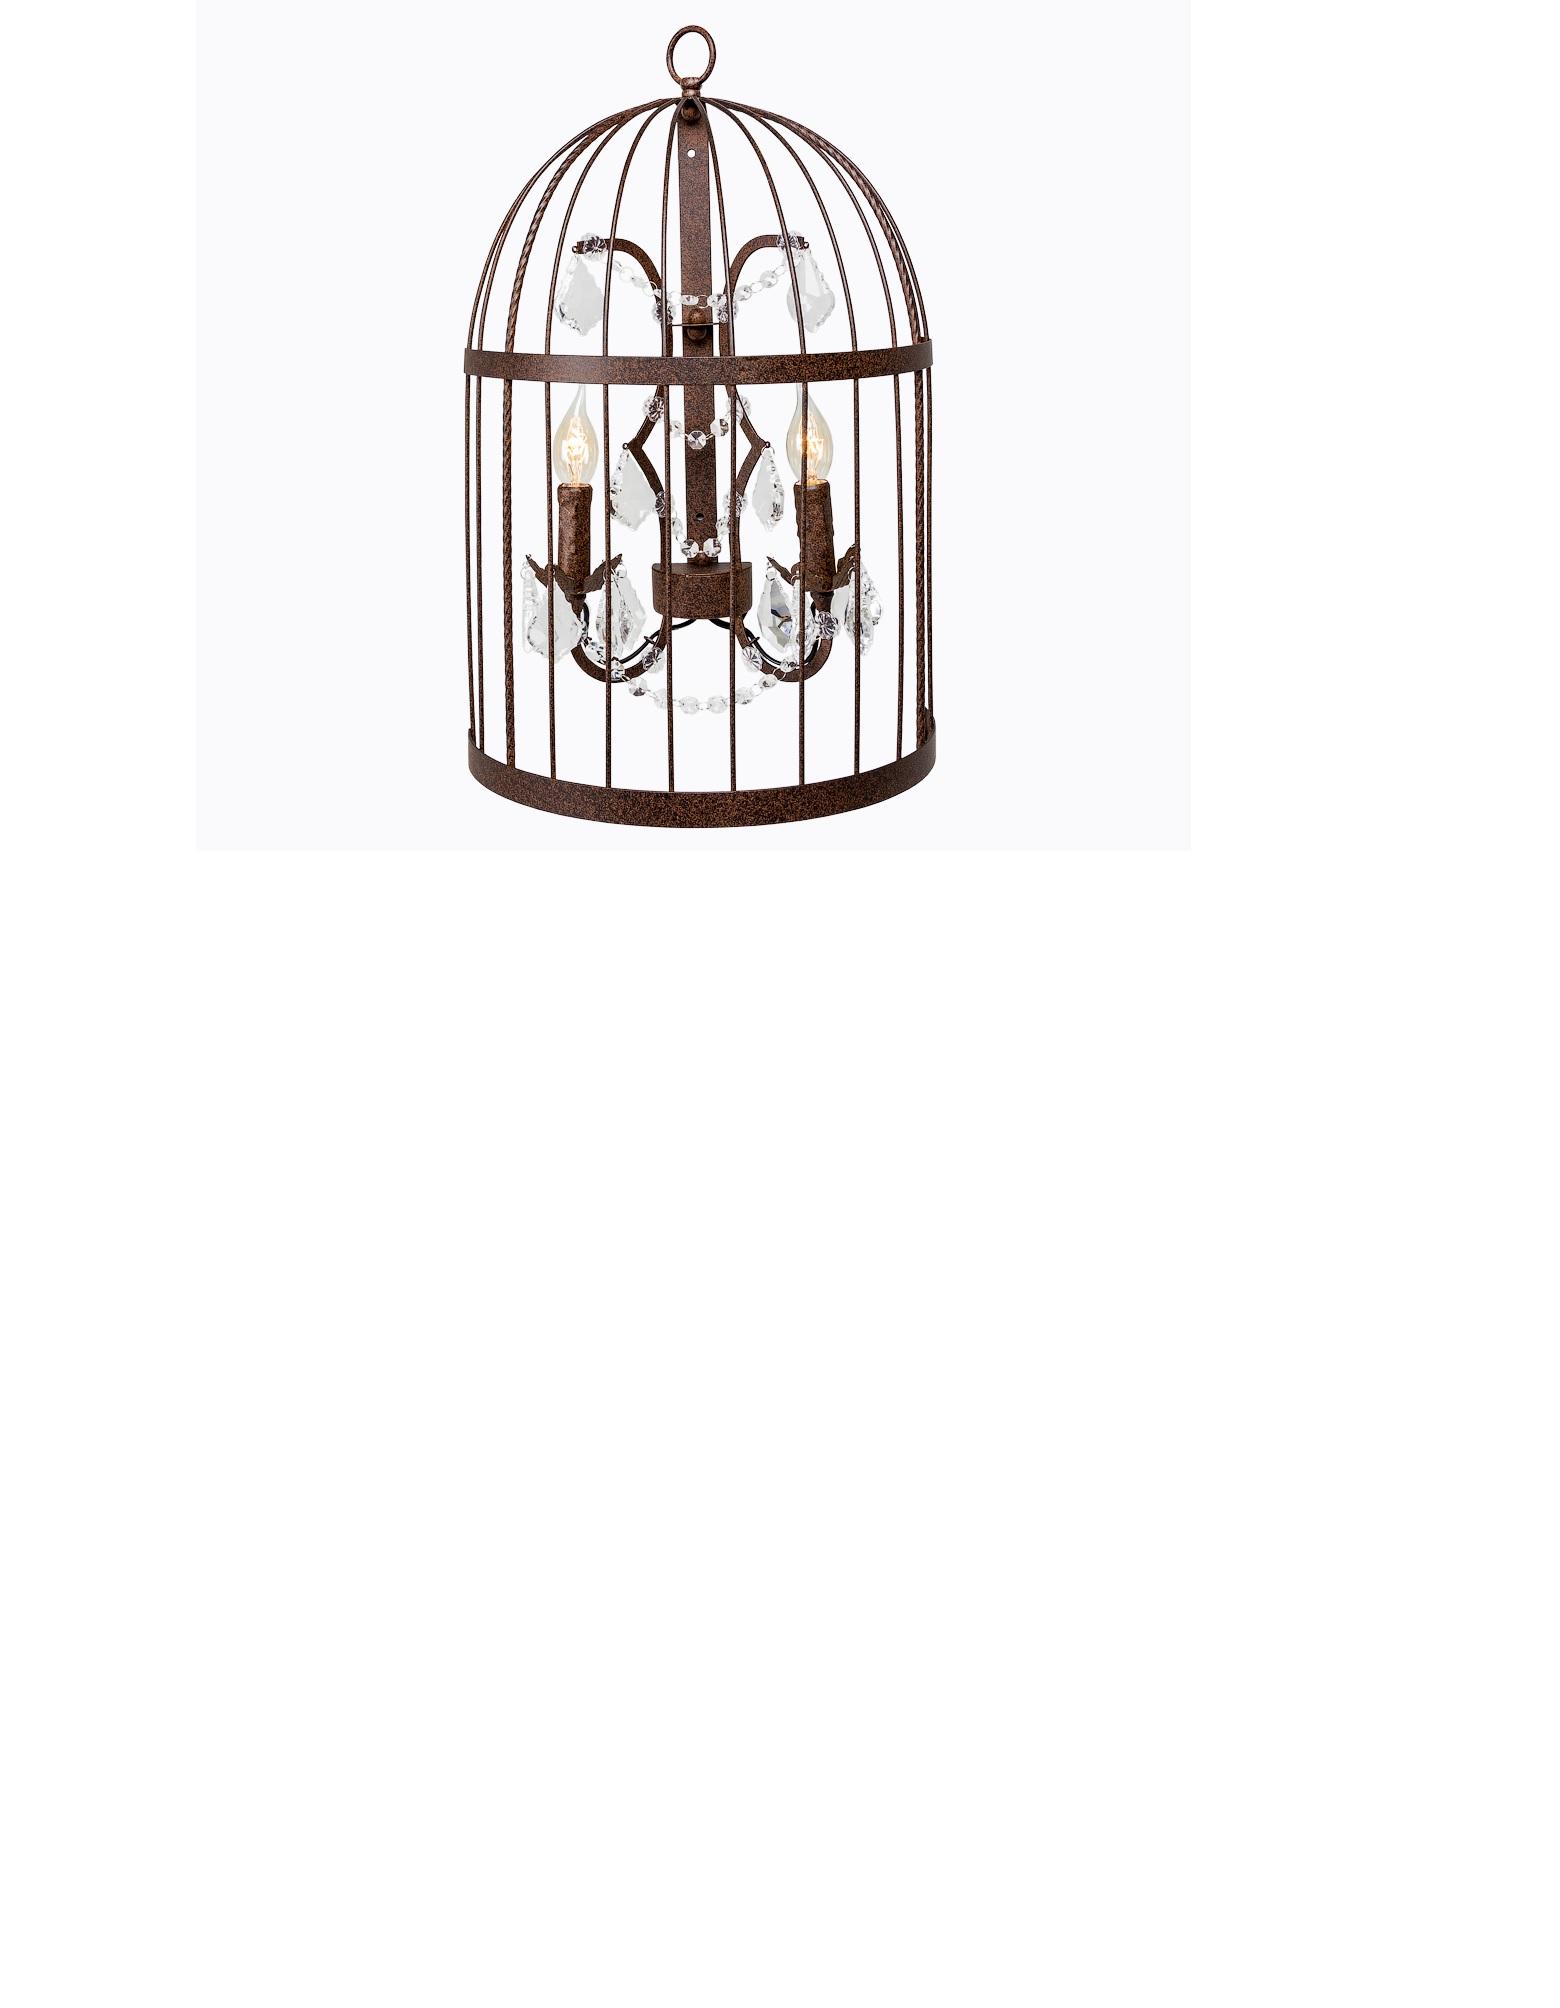 Бра «Тюильри»Бра<br>Настенная лампа «Тюильри» — яркая стилистическая мишень в Вашем интерьере. Завораживающий округлый дизайн придает помещению имидж плавности и легкости. Металлический настенный светильник с эффектом старины украшен двумя подсвечниками и хрустальными подвесками-каплями.&amp;lt;div&amp;gt;Материал: металл, подвески - хрусталь.&amp;lt;/div&amp;gt;&amp;lt;div&amp;gt;Цвет: черный, с эффектом искусственного старения.&amp;amp;nbsp;&amp;lt;/div&amp;gt;&amp;lt;div&amp;gt;Продается без ламп. Требуется 2 лампы. Тип электрической лампы: E14&amp;lt;/div&amp;gt;<br><br>Material: Металл<br>Width см: 36<br>Depth см: 19<br>Height см: 56<br>Diameter см: None